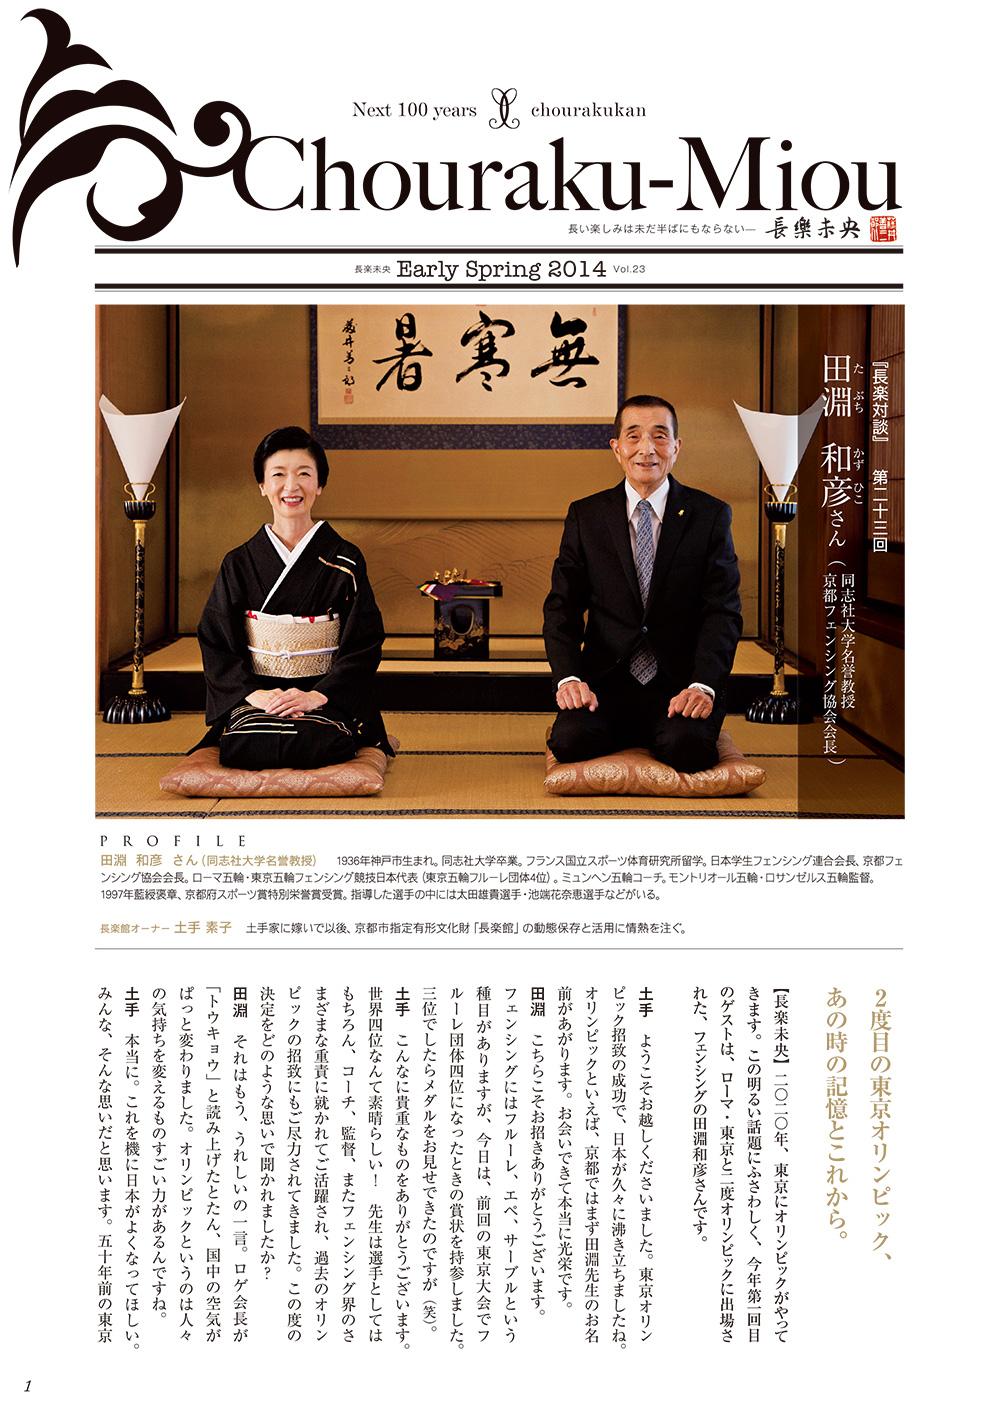 長楽館未央 vol.23